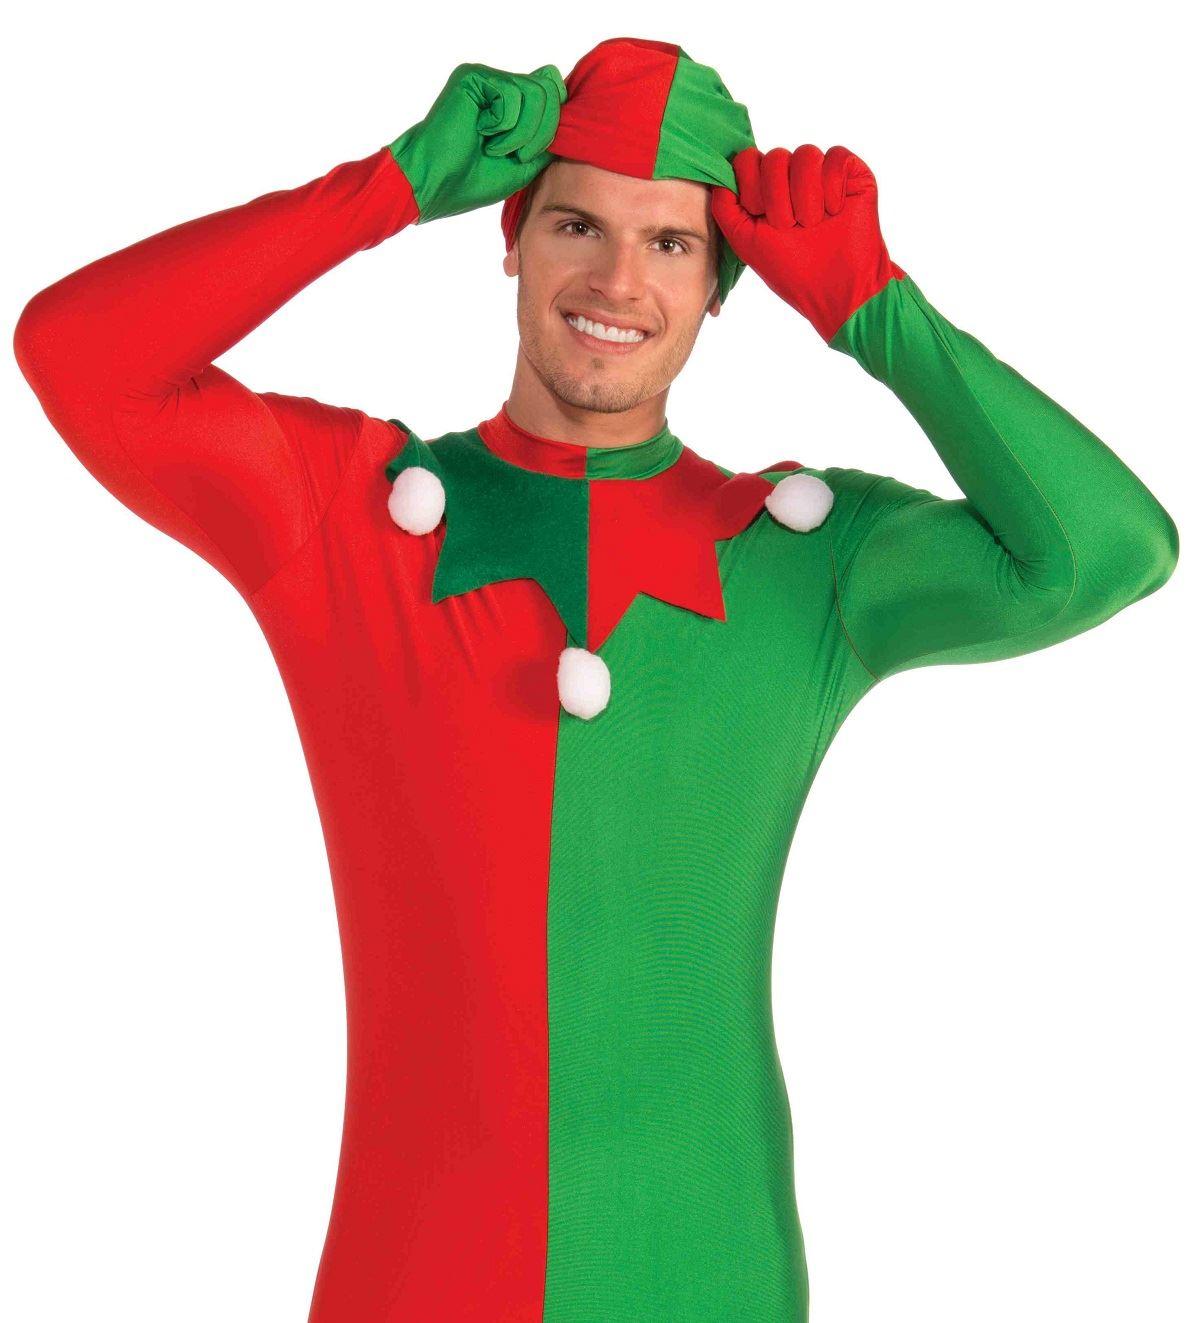 Adult Elf Bodysuit Men Deluxe Costume Adult Elf Bodysuit Men Deluxe Costume  sc 1 st  The Costume Land & Adult Elf Bodysuit Men Deluxe Costume | $34.99 | The Costume Land